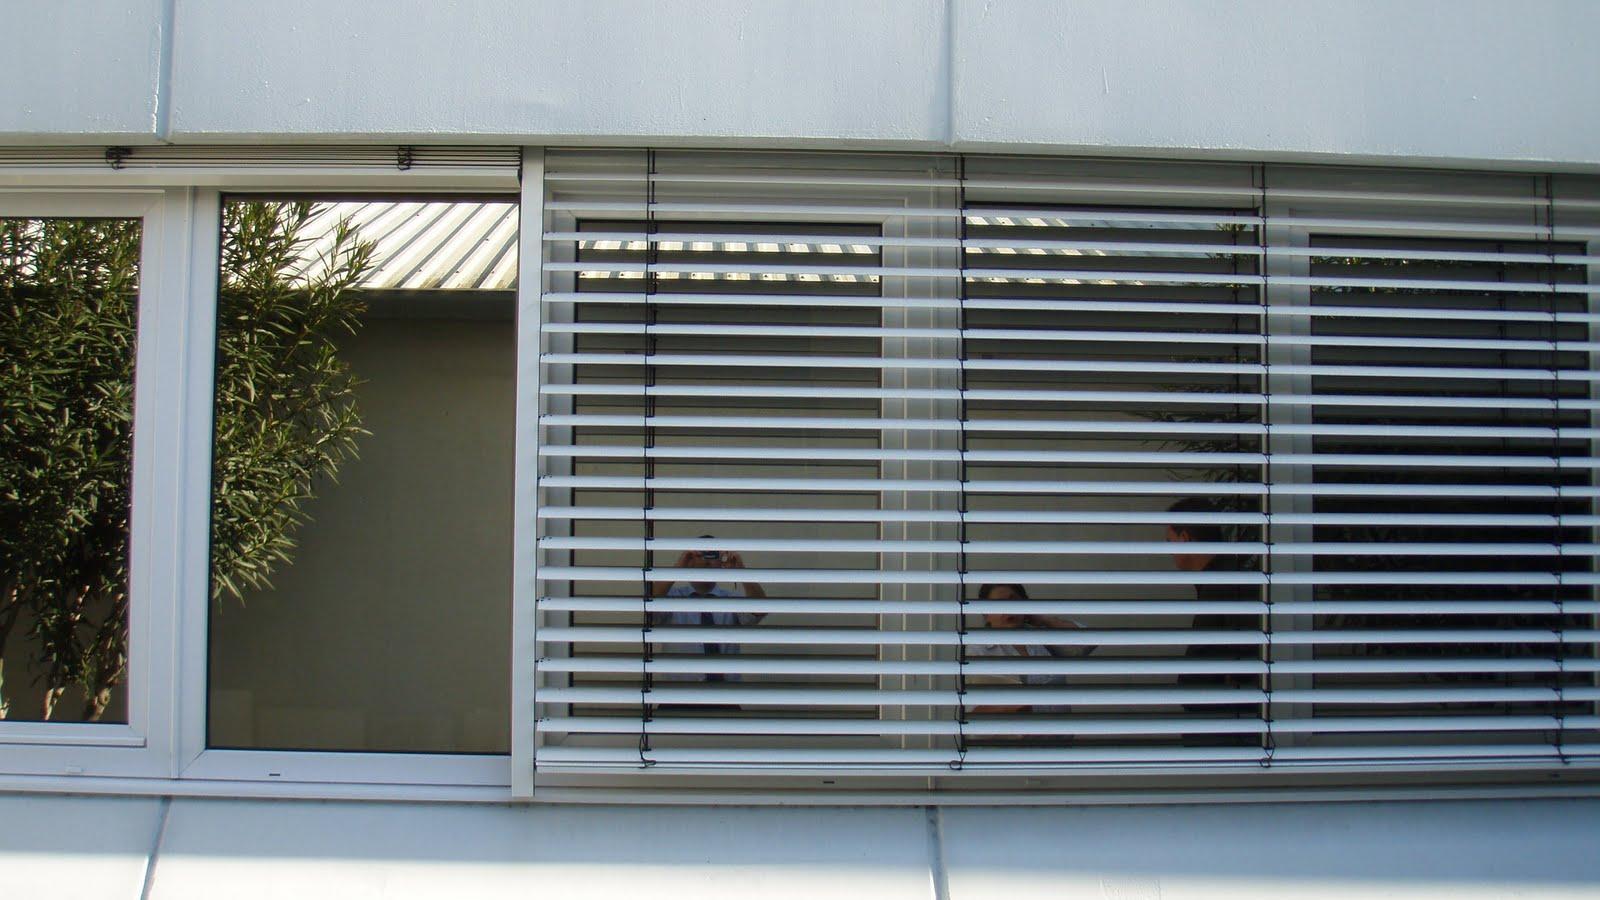 Vivenda do marreco estores exteriores vs portadas - Estores para exterior ...